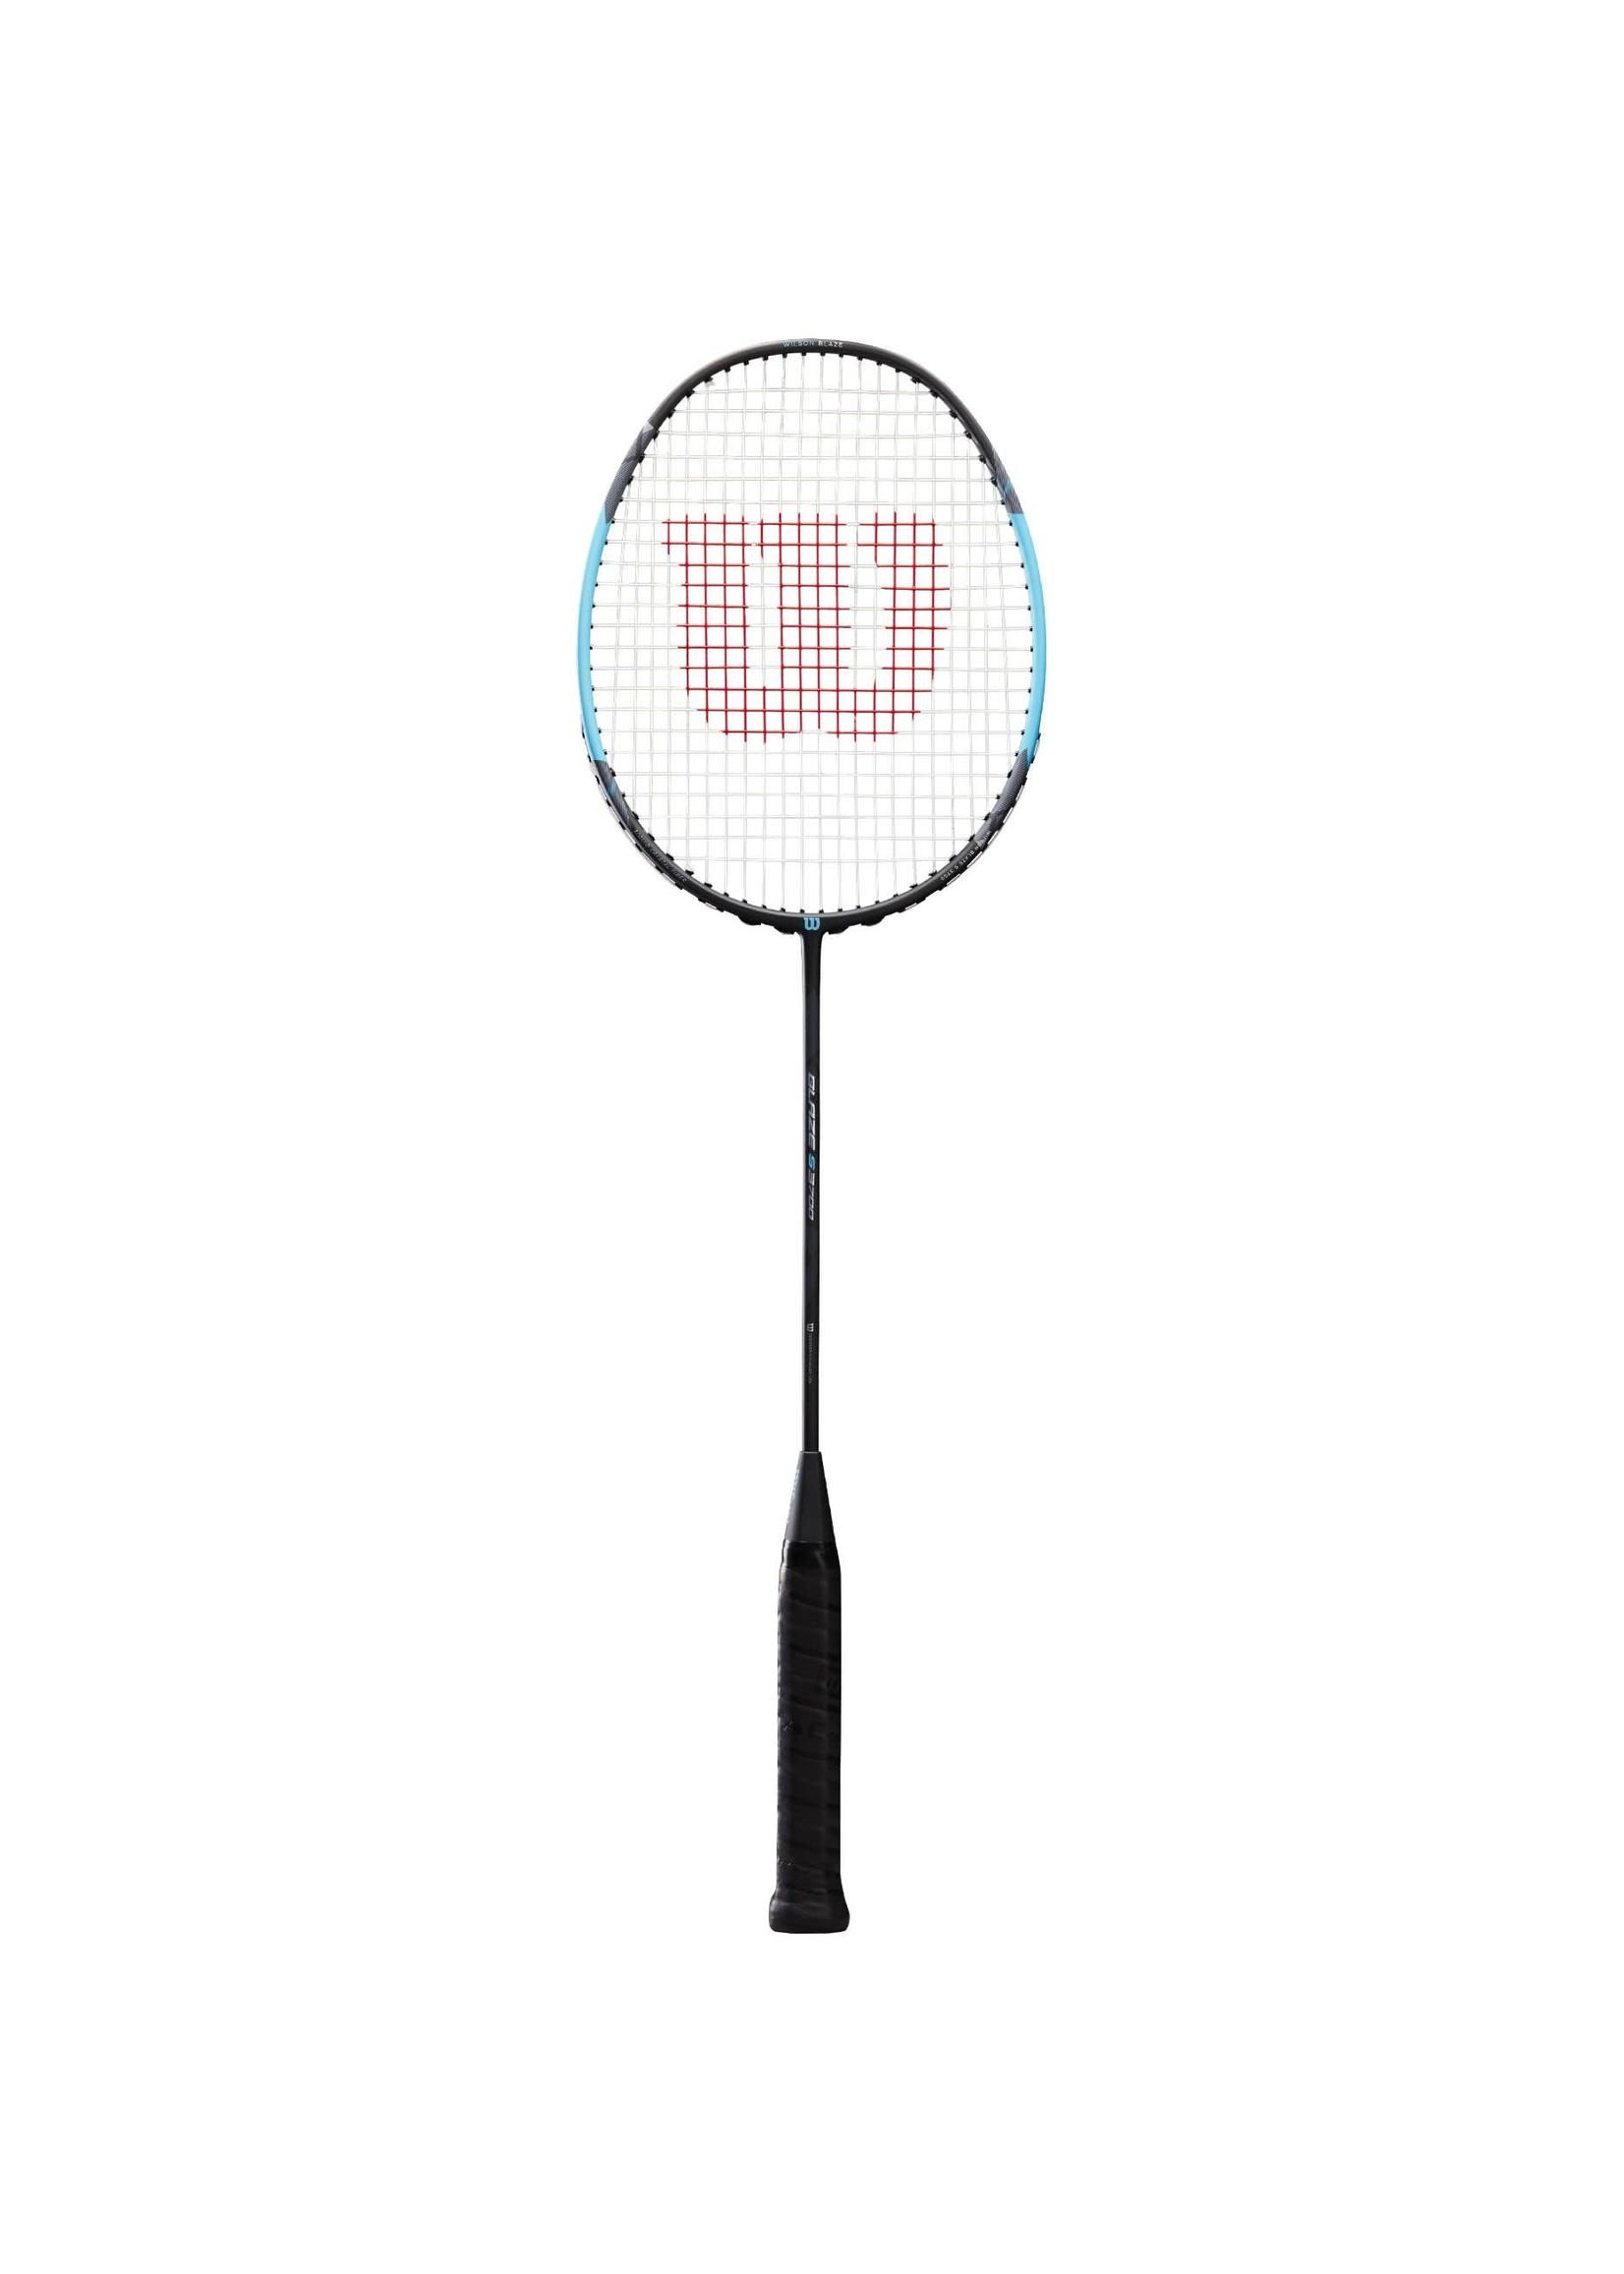 Wilson Wilson Blaze S3700 Badminton Racket (2019)